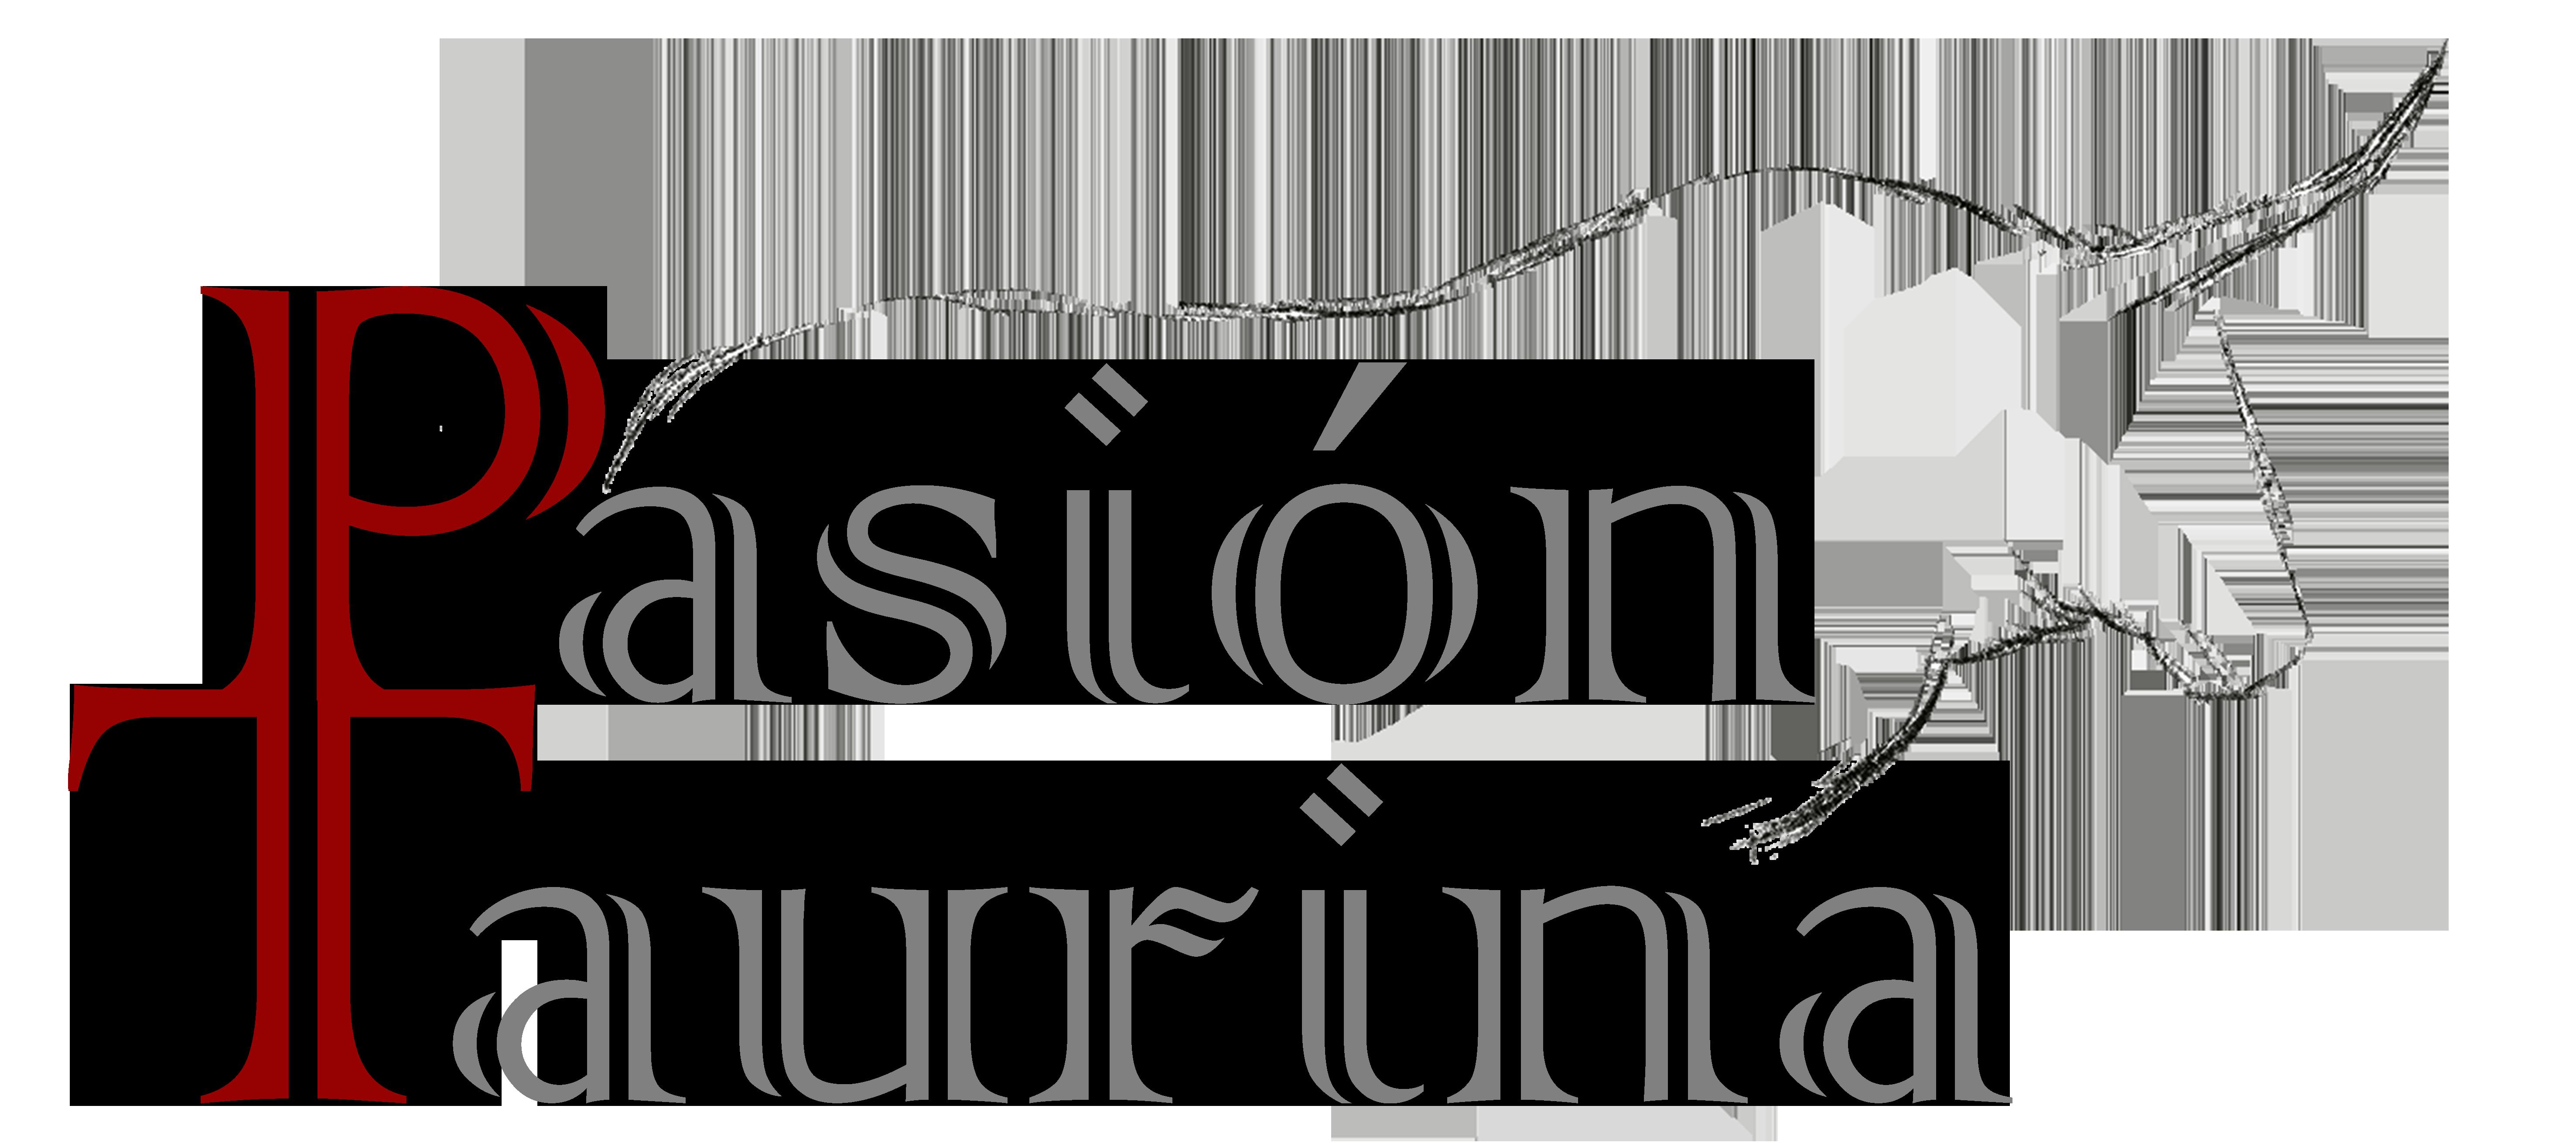 Pasión Taurina